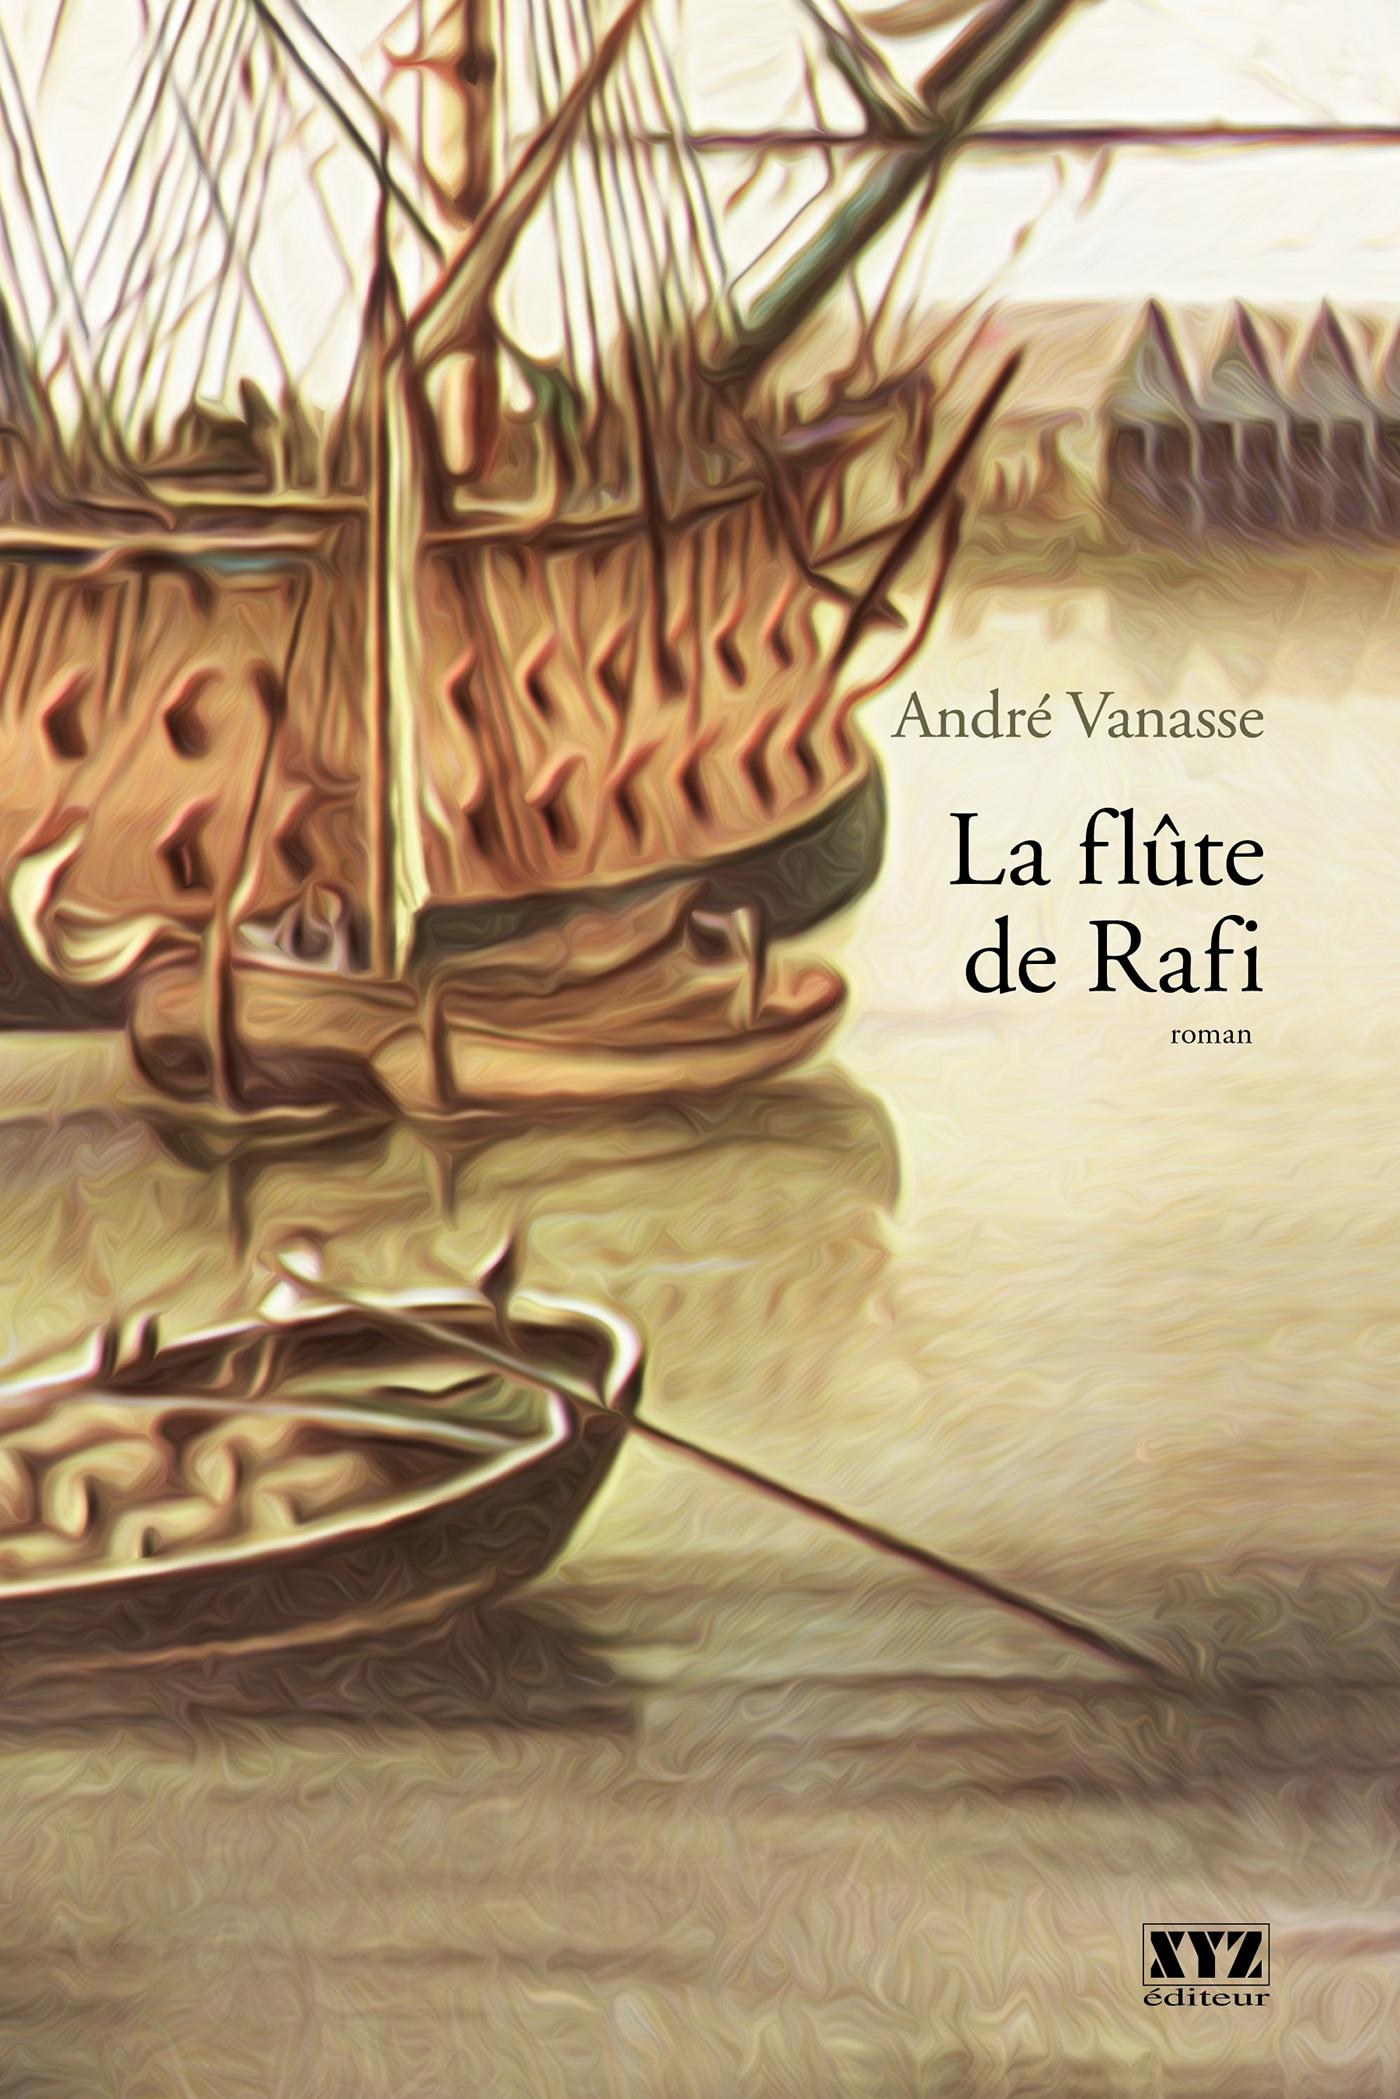 Couverture : Flûte de Rafi (La) André Vanasse